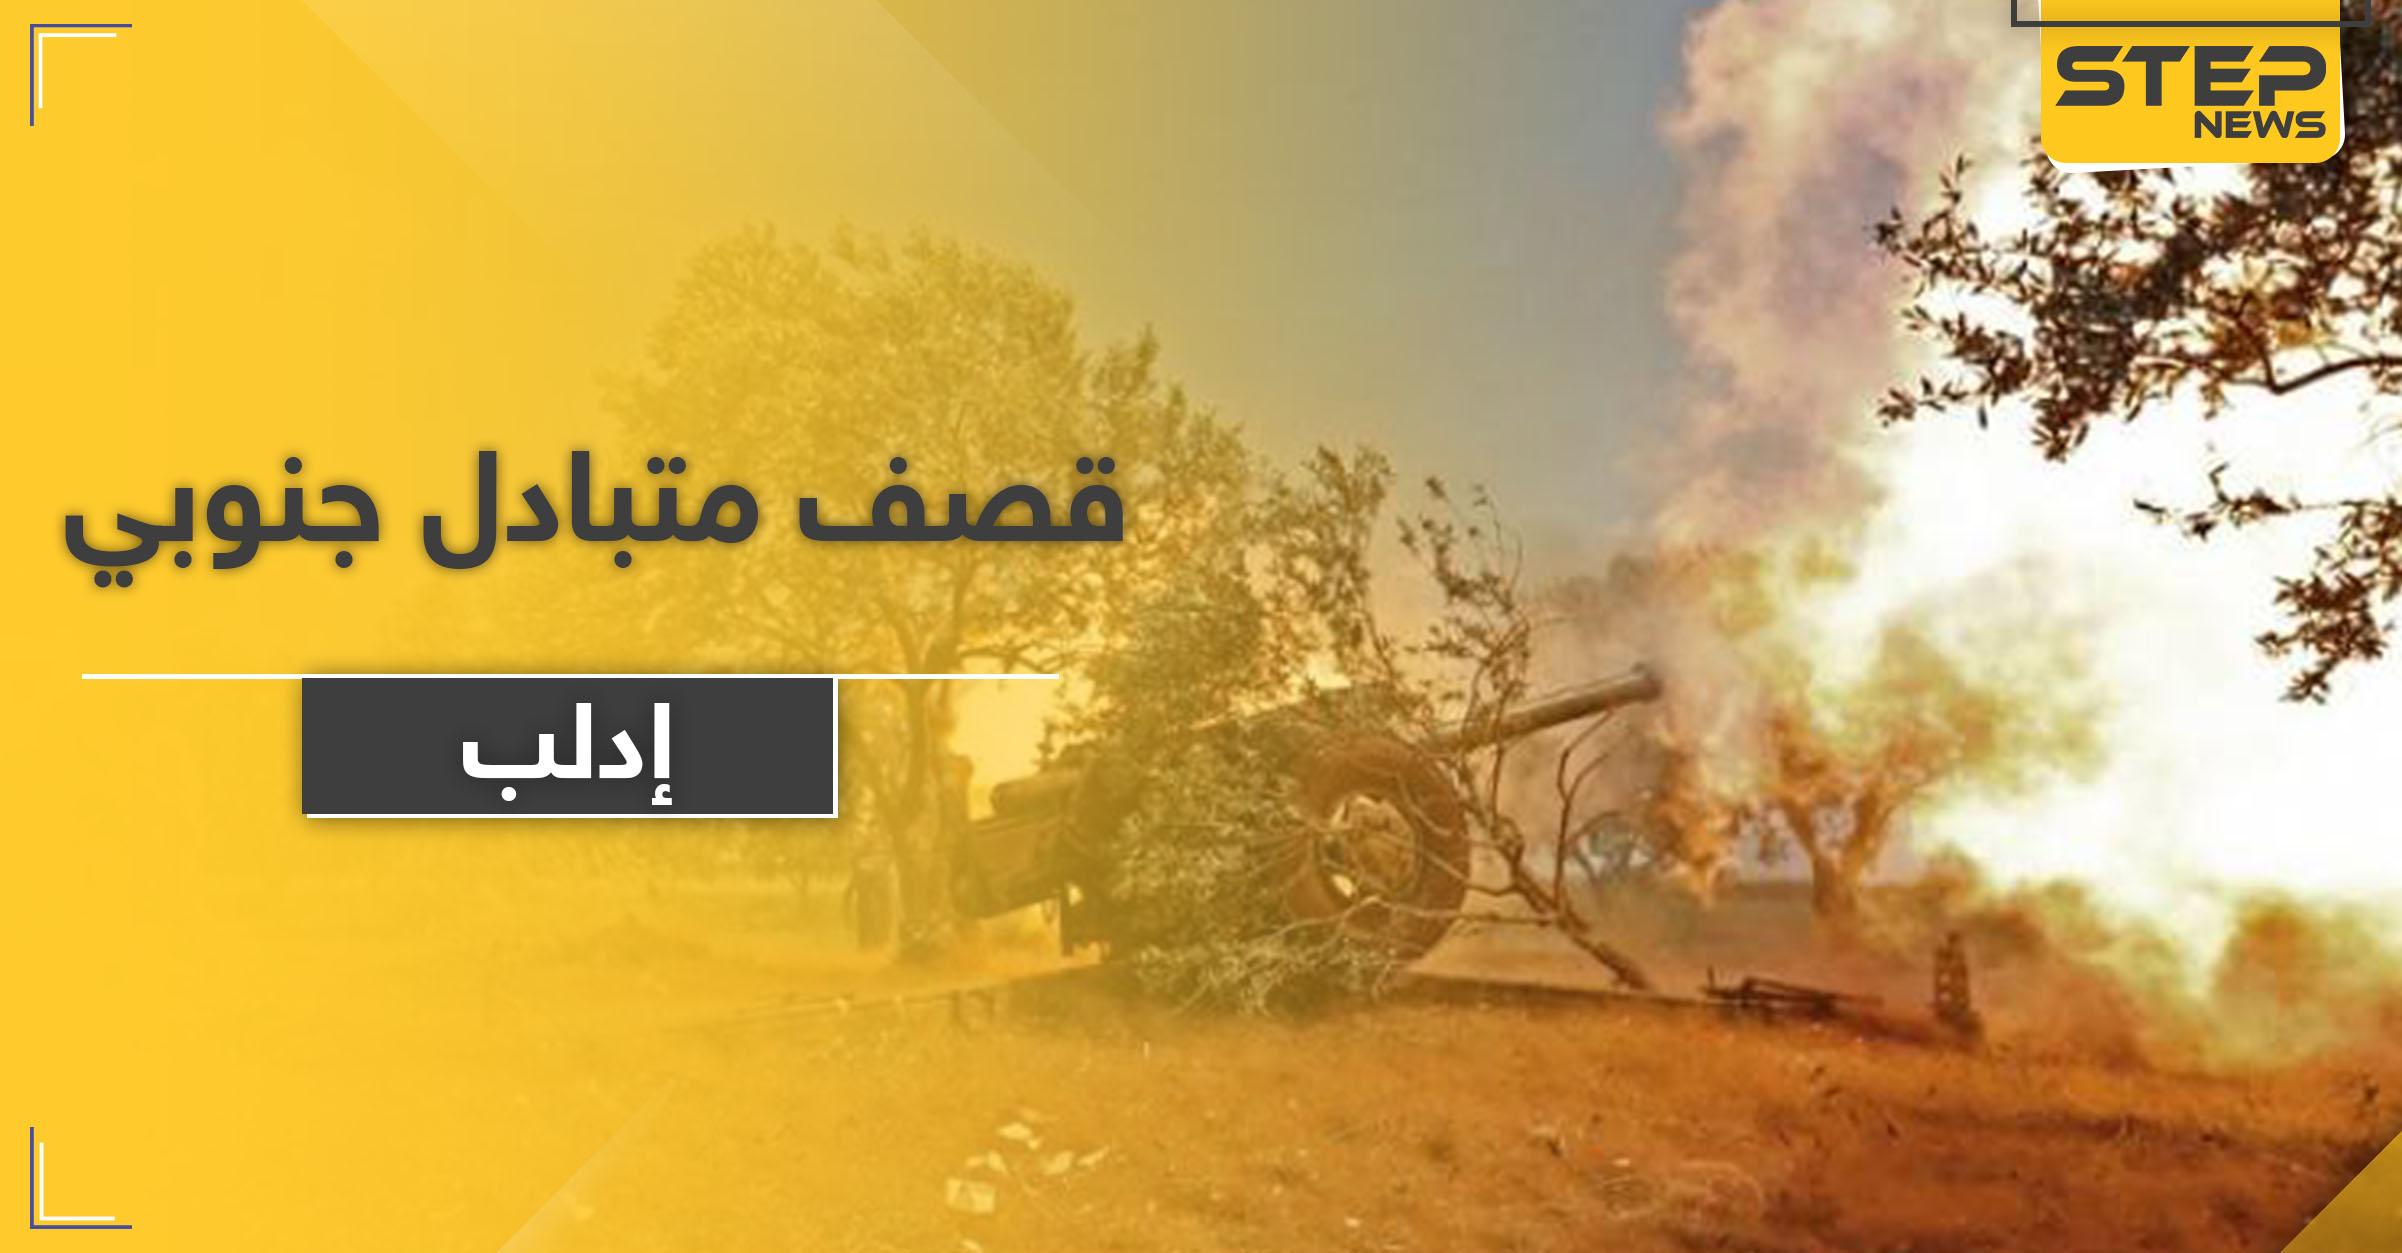 الفتح المبين تقصف مواقع النظام السوري في ريف إدلب الجنوبي